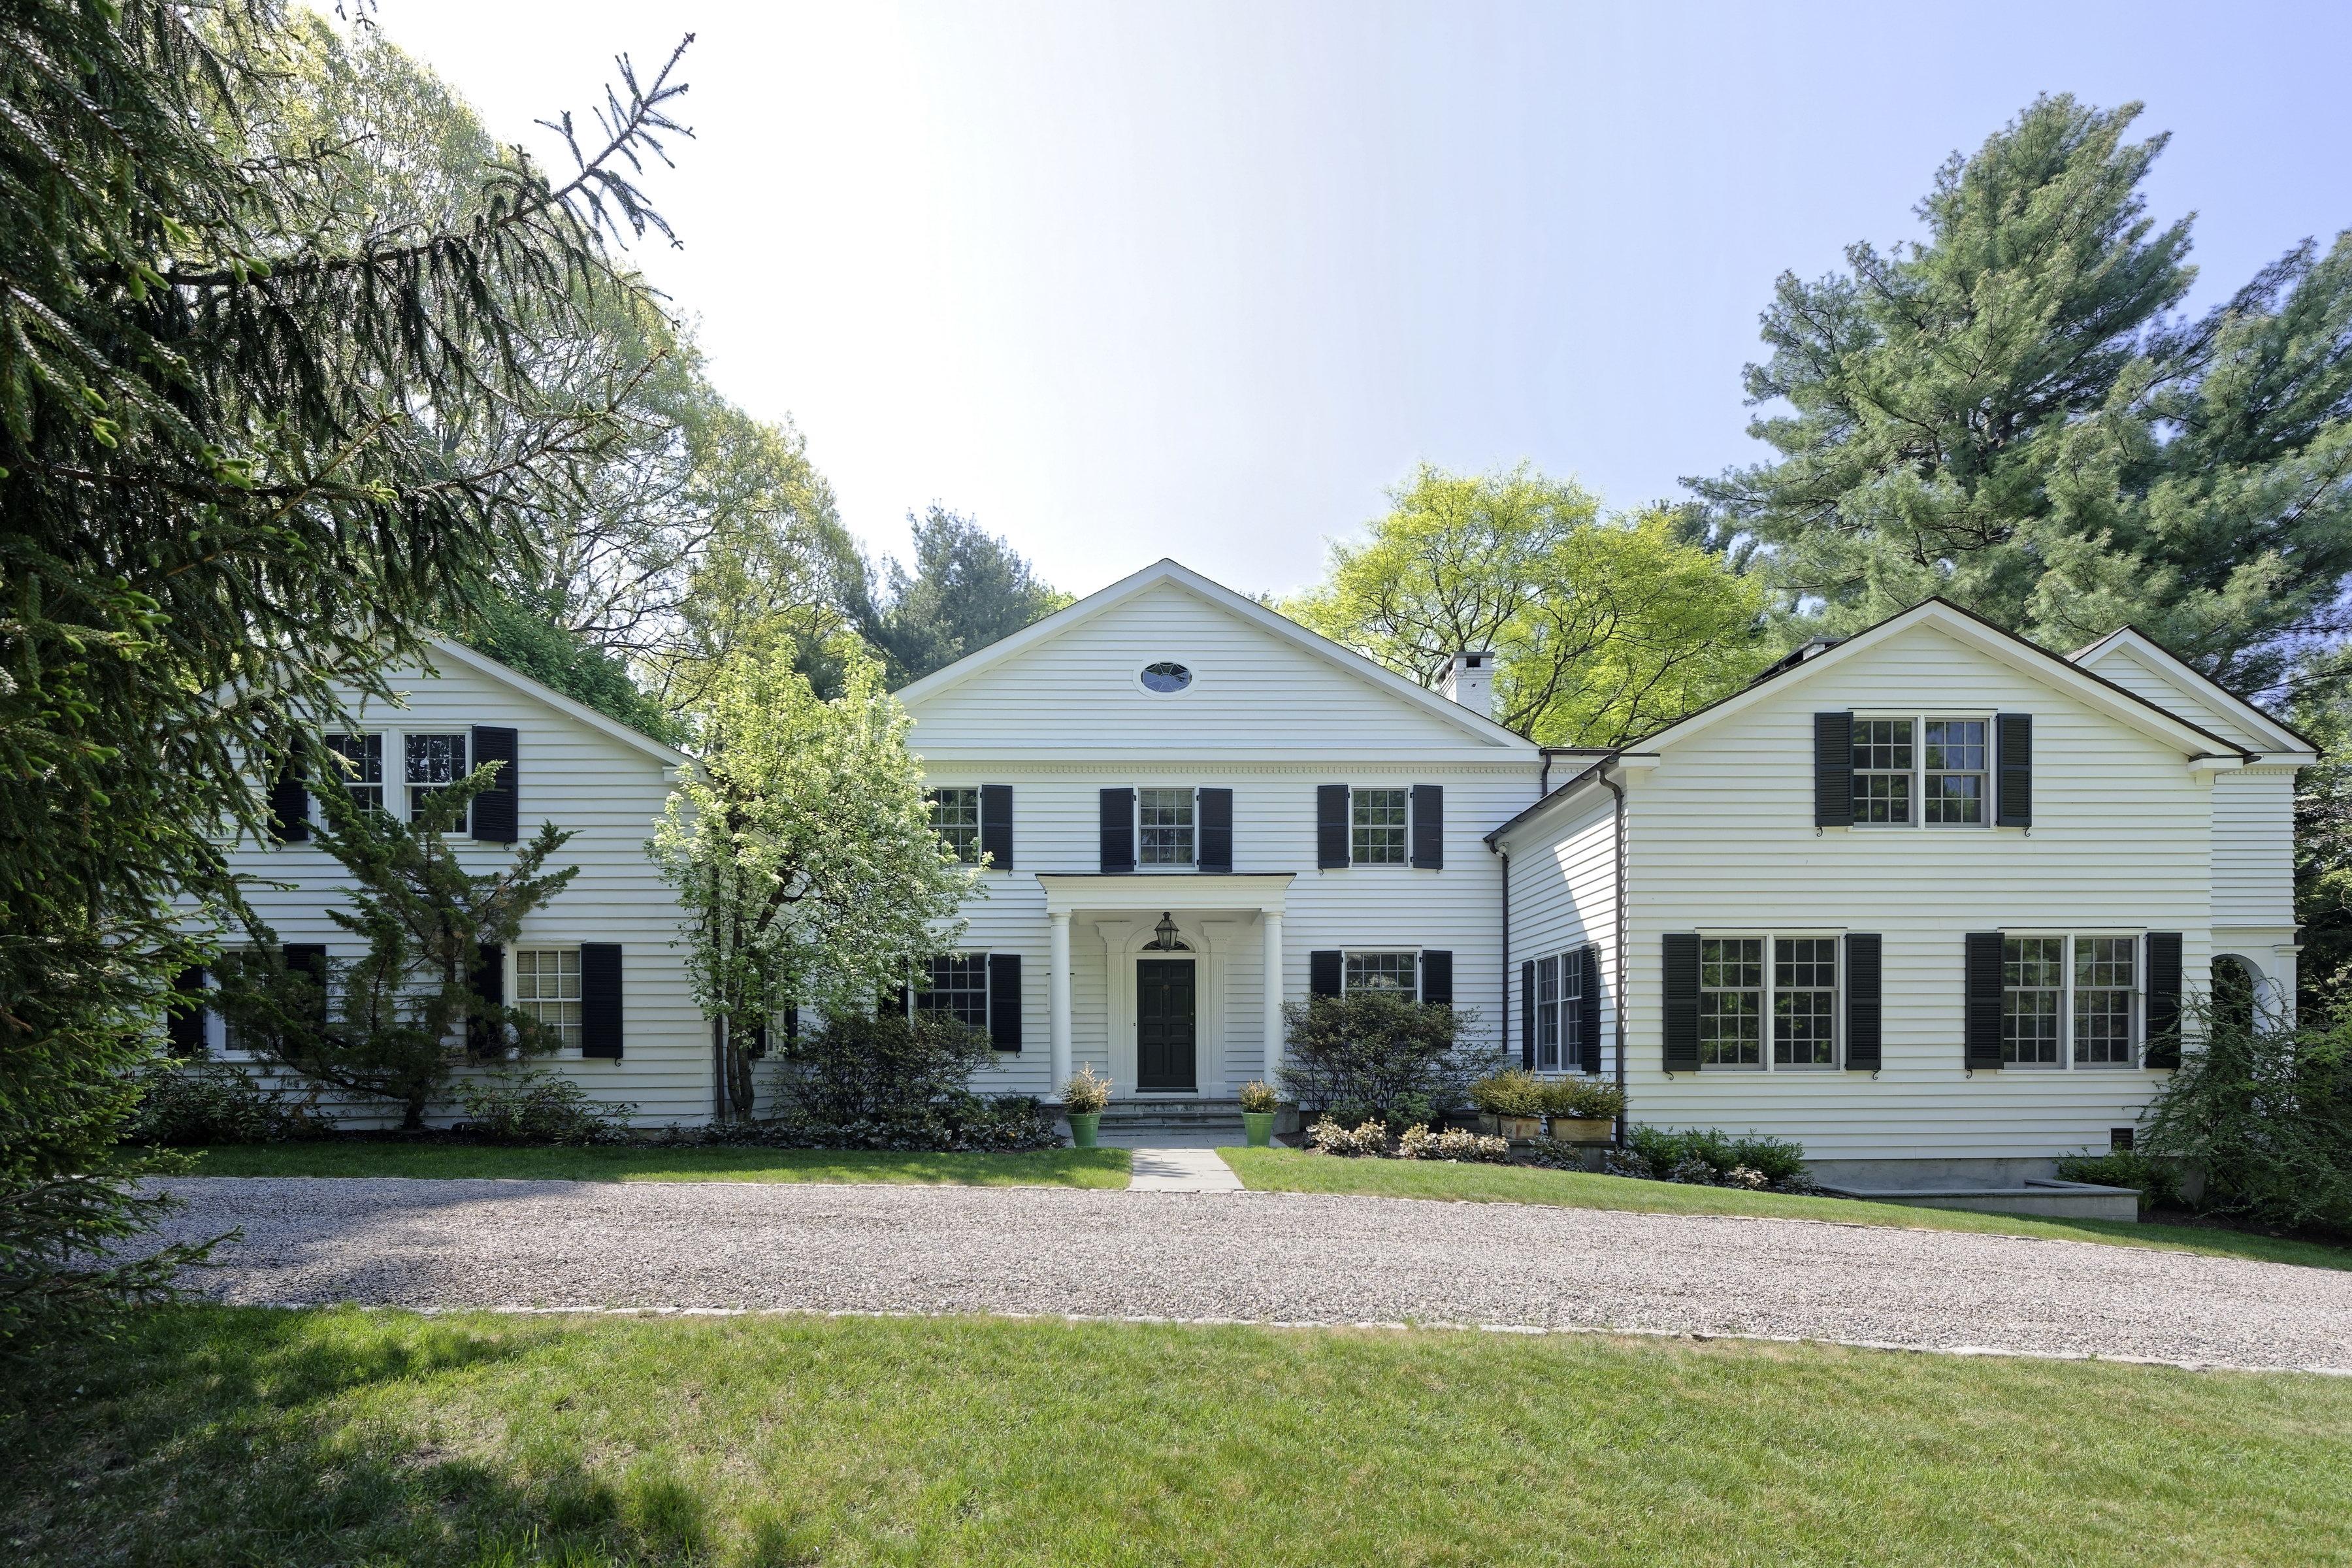 Casa para uma família para Venda às Exclusive Ardsley Park Estate Colonial 164 Washington Avenue Irvington, Nova York 10522 Estados Unidos